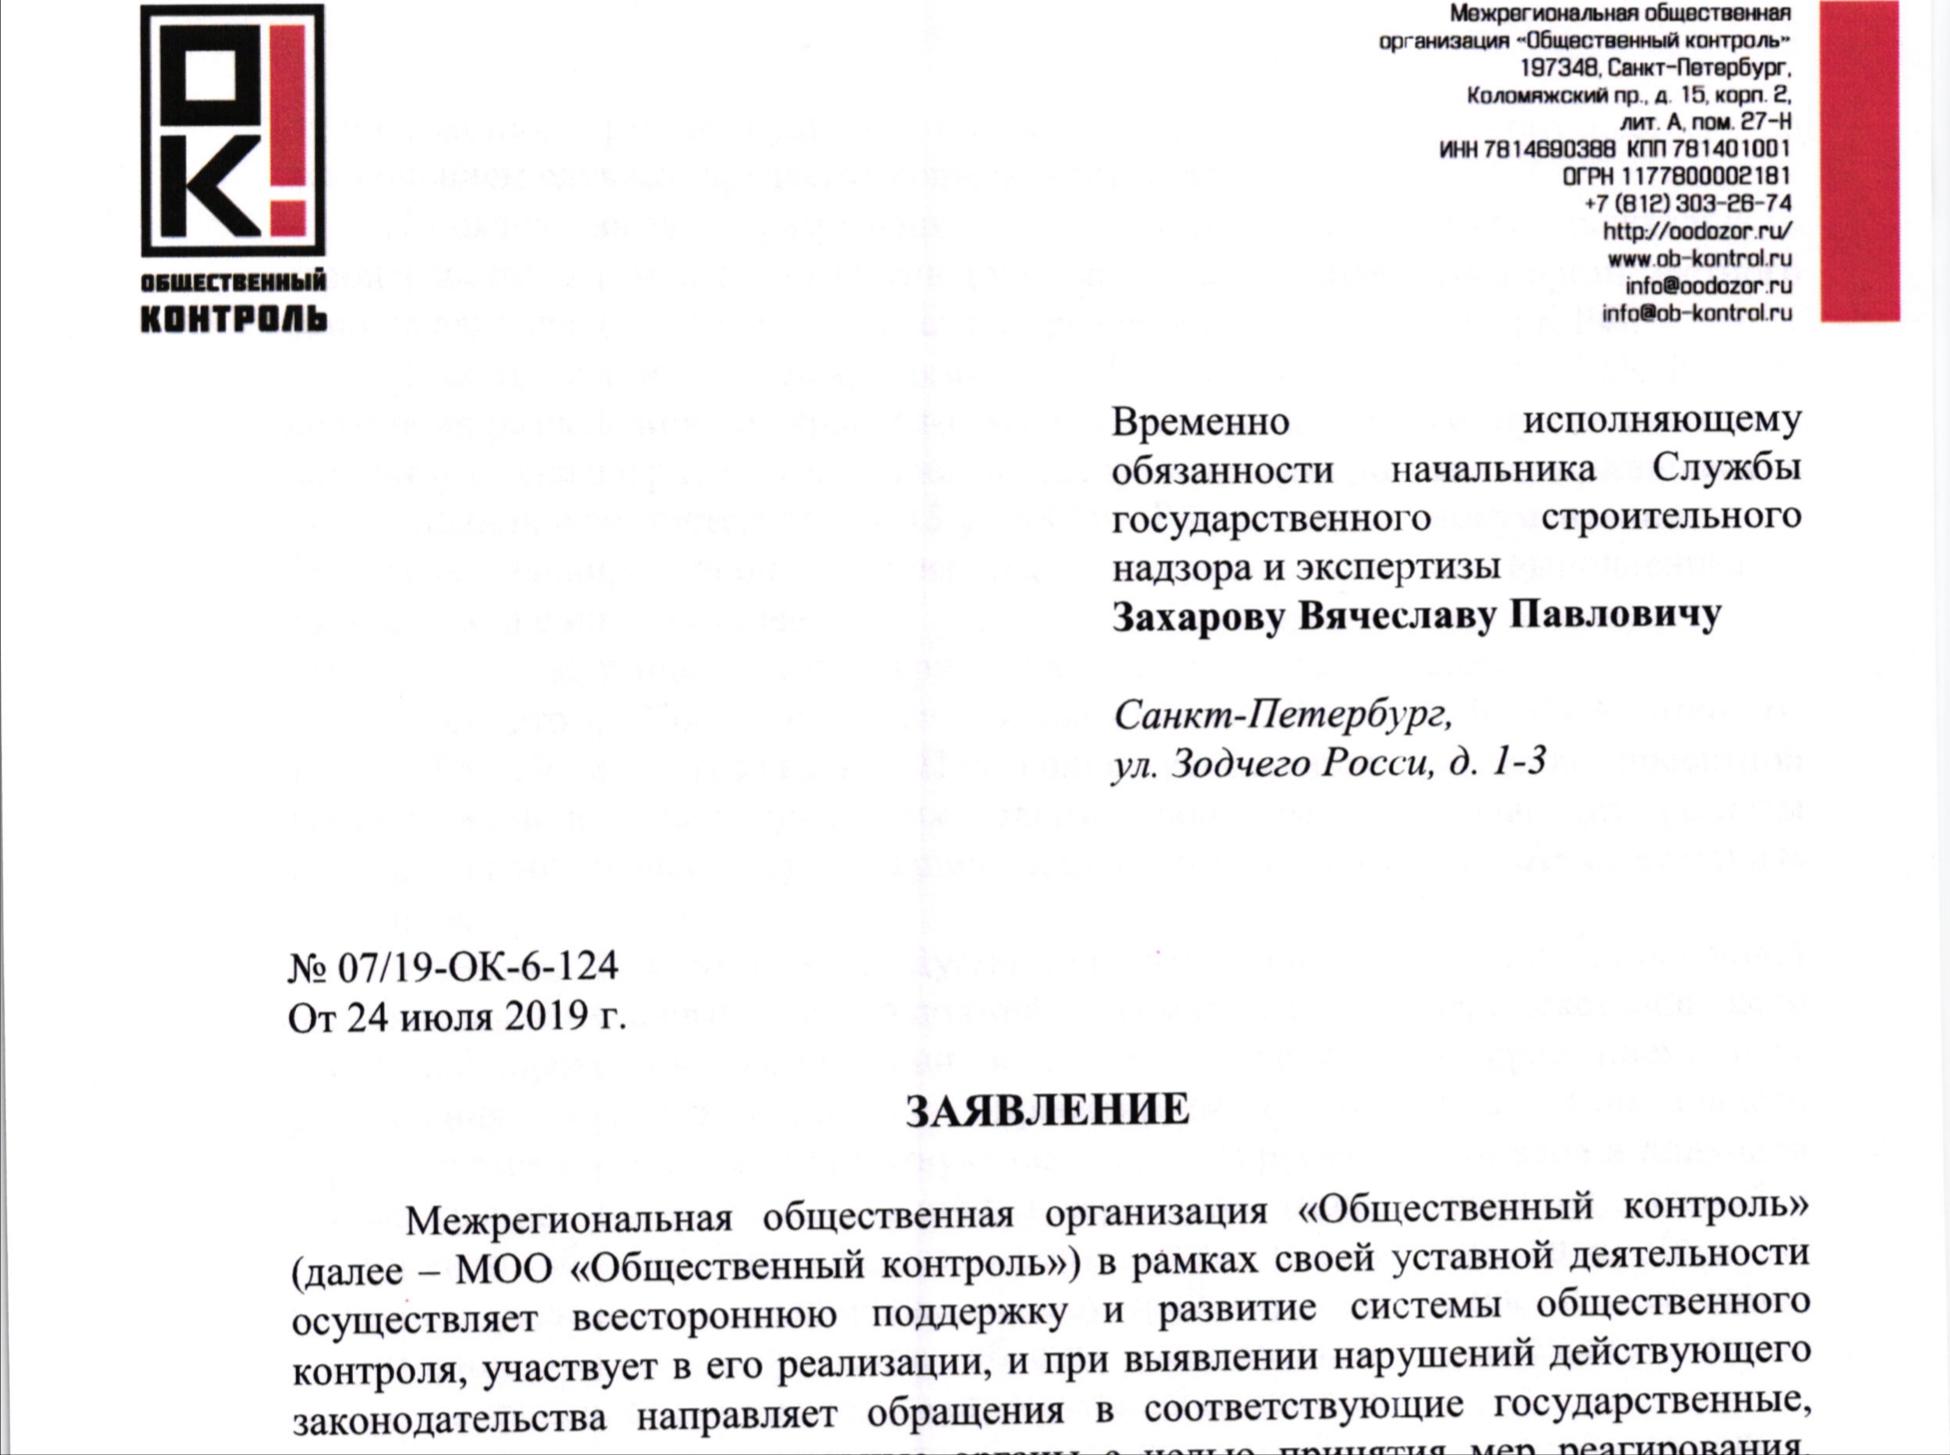 Заявление временно исполняющему обязанности начальника Службы государственного строительного надзора и экспертизы Захарову Вячеславу Павловичу